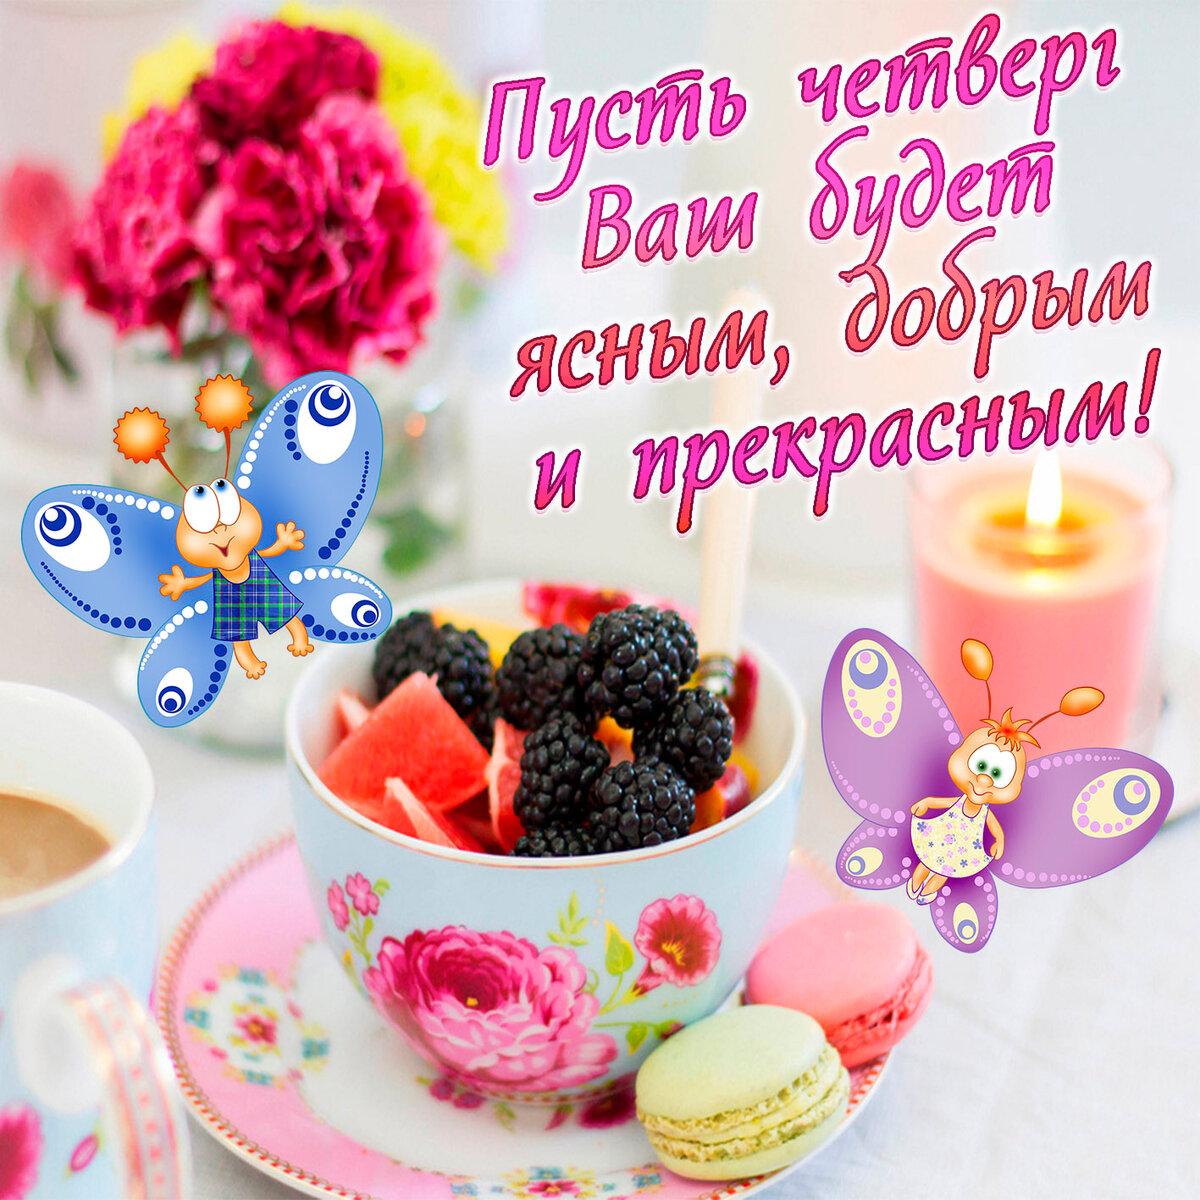 Пожелание чудесного доброго утра